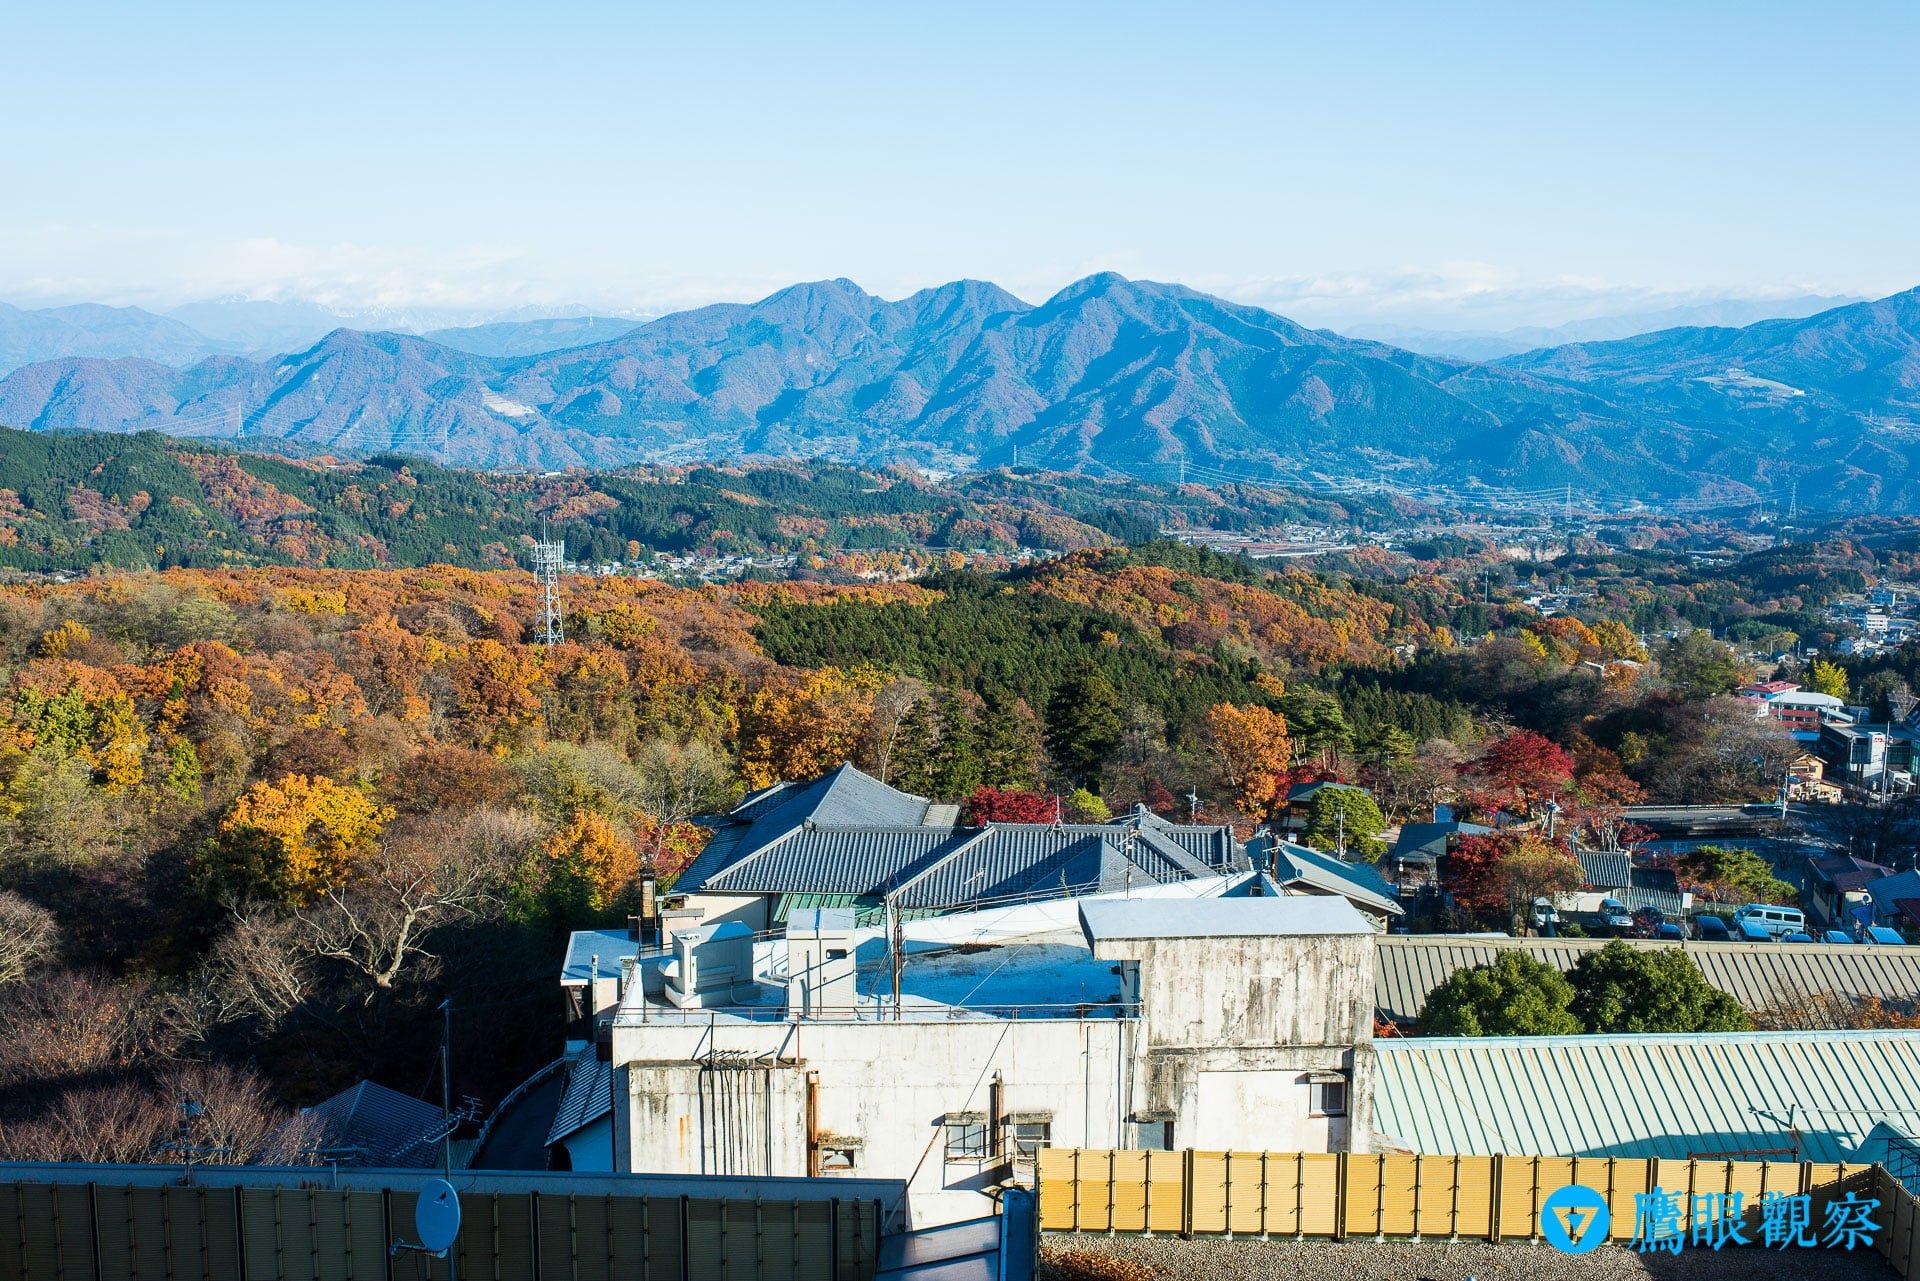 travel Japan gunma kishigon ryokan hotel in izumo spa hot spring 68 群馬縣伊香保溫泉「岸權旅館」日本旅館住宿推薦